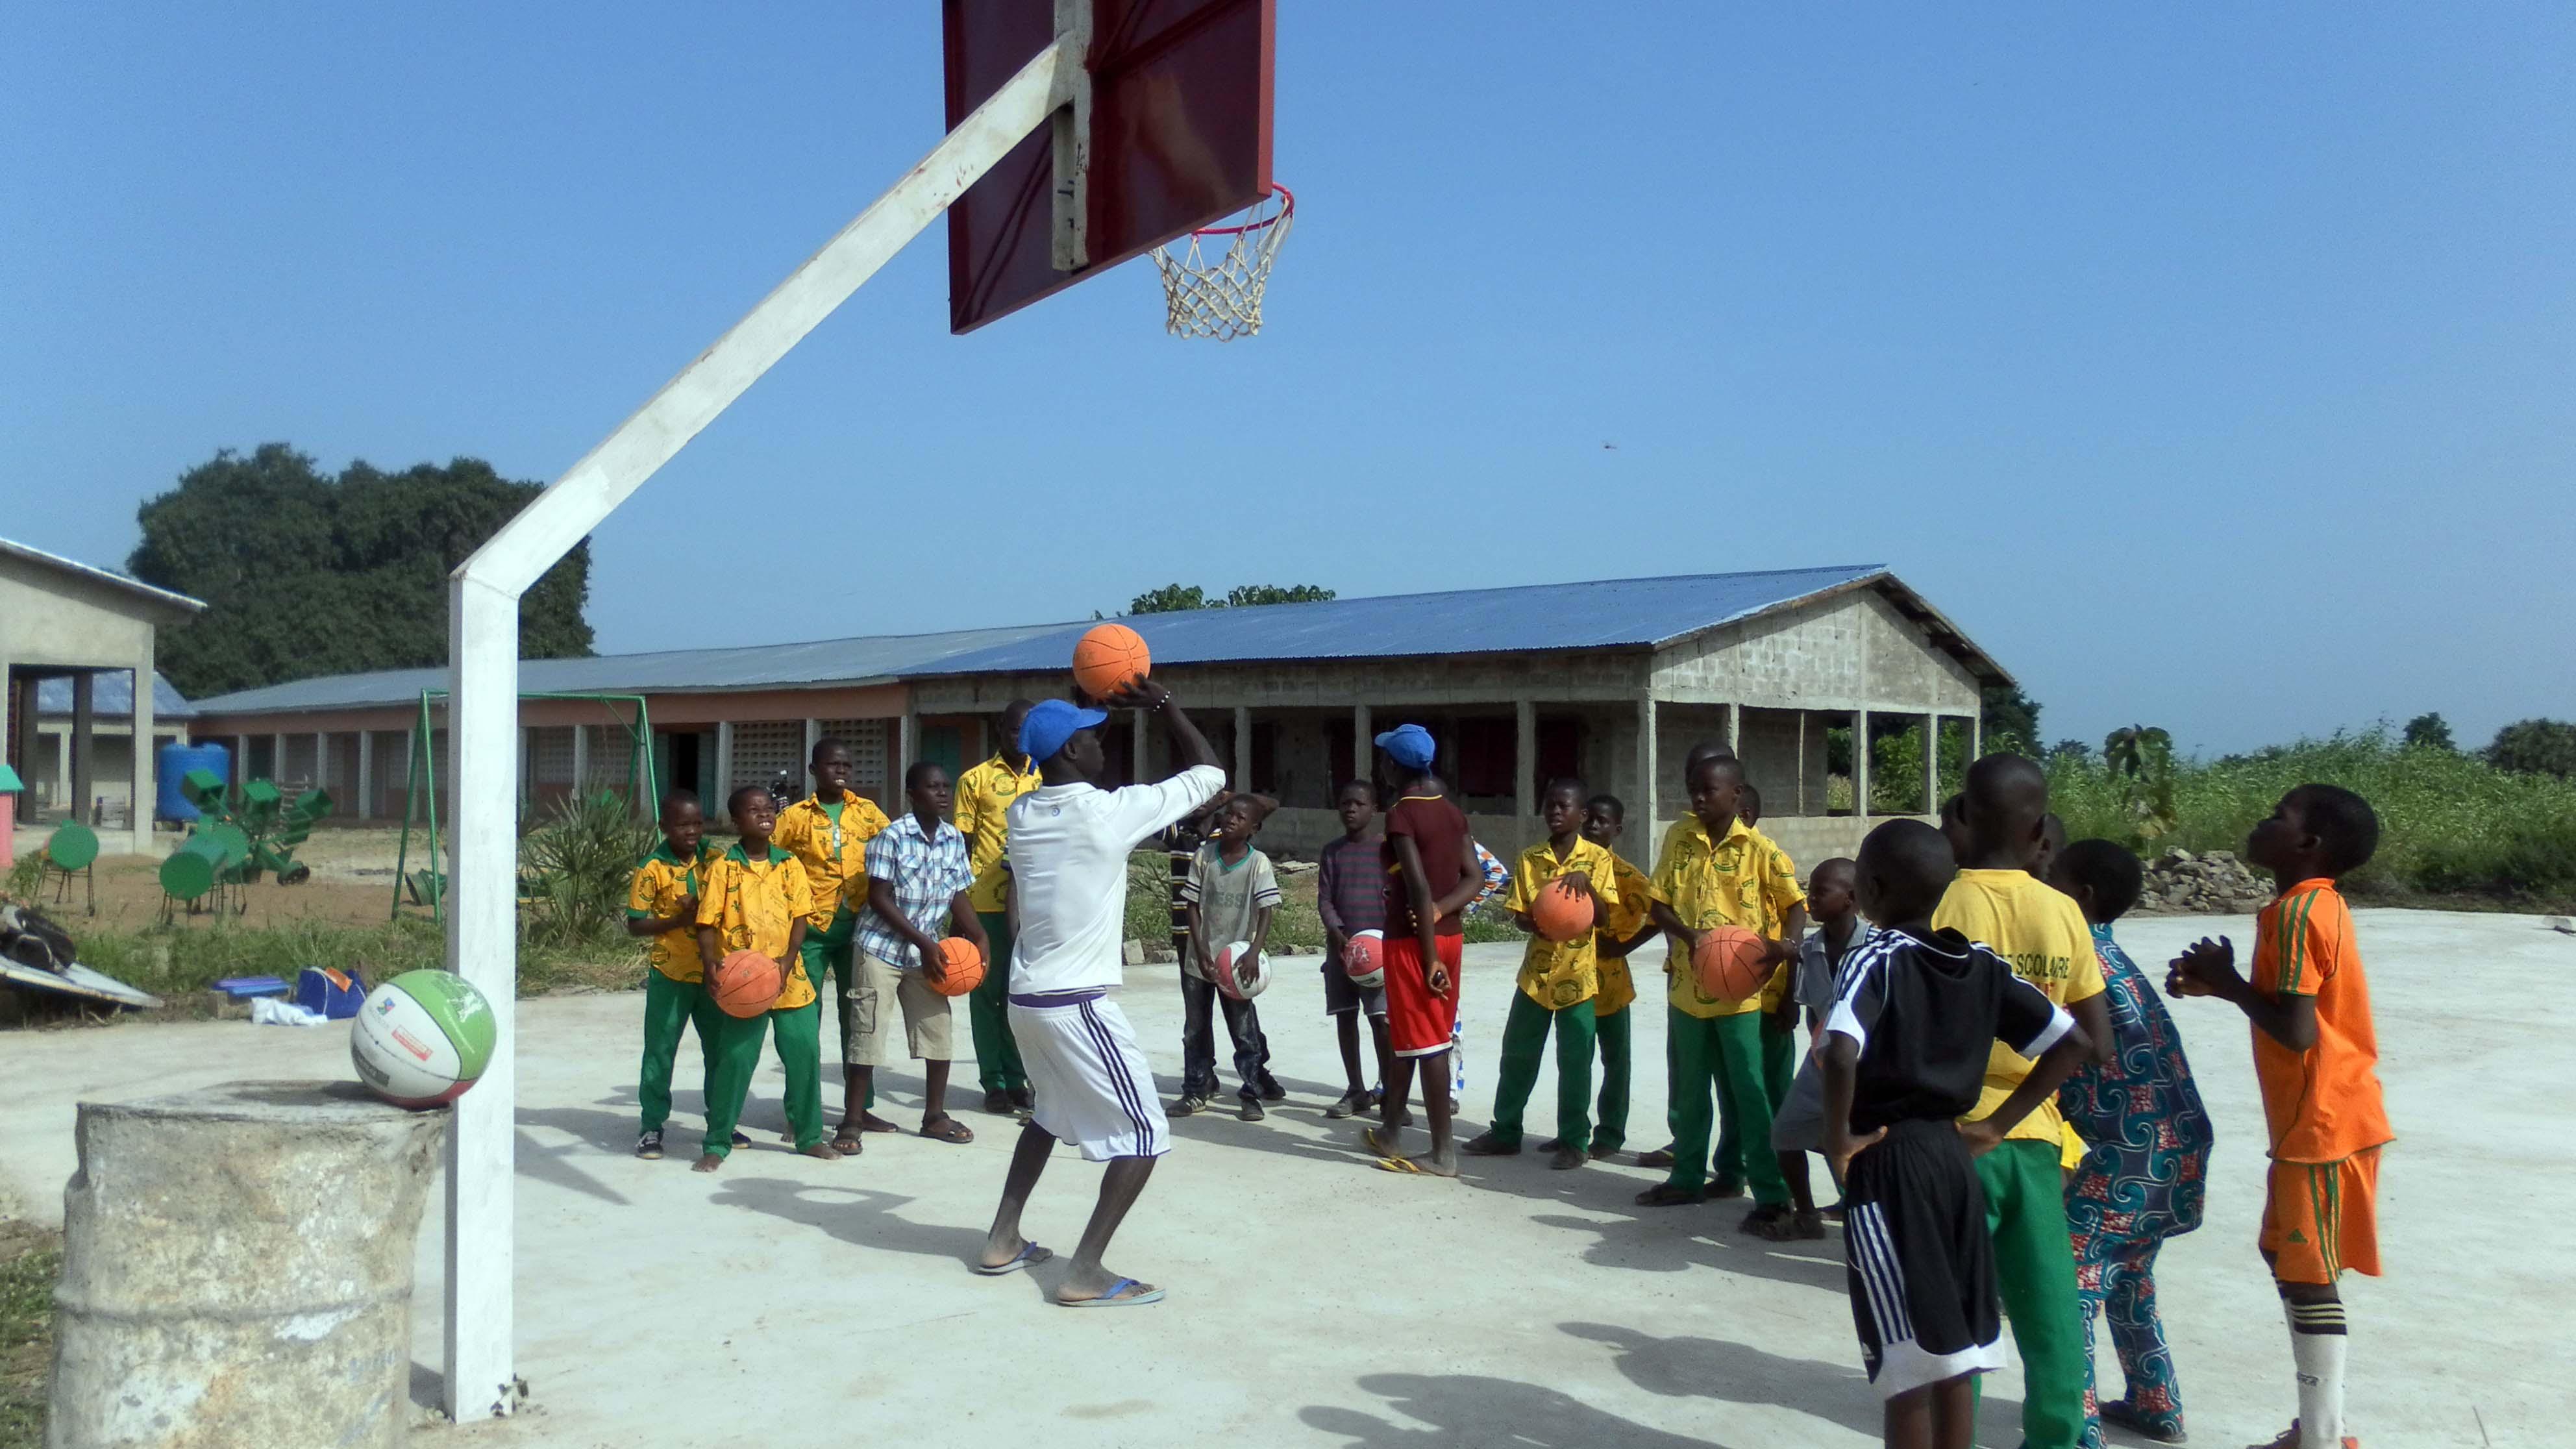 """Ya están de vuelta! Eneko y Cristina regresan de la gran """"misión"""" del basket bizkaino en Benín"""